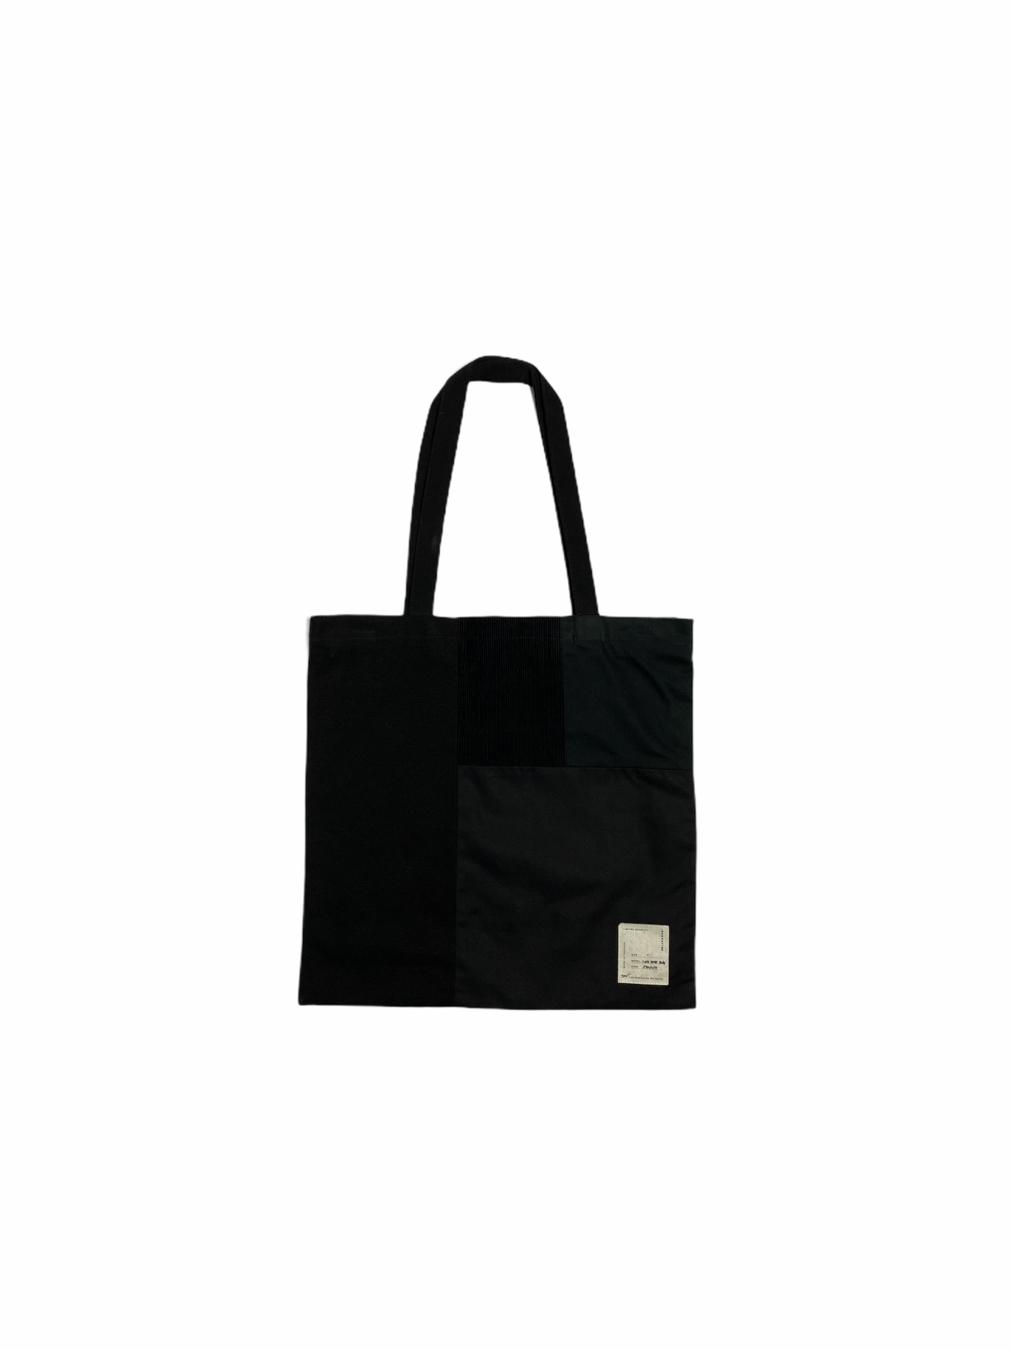 Mongkol Tote Bag (Black)